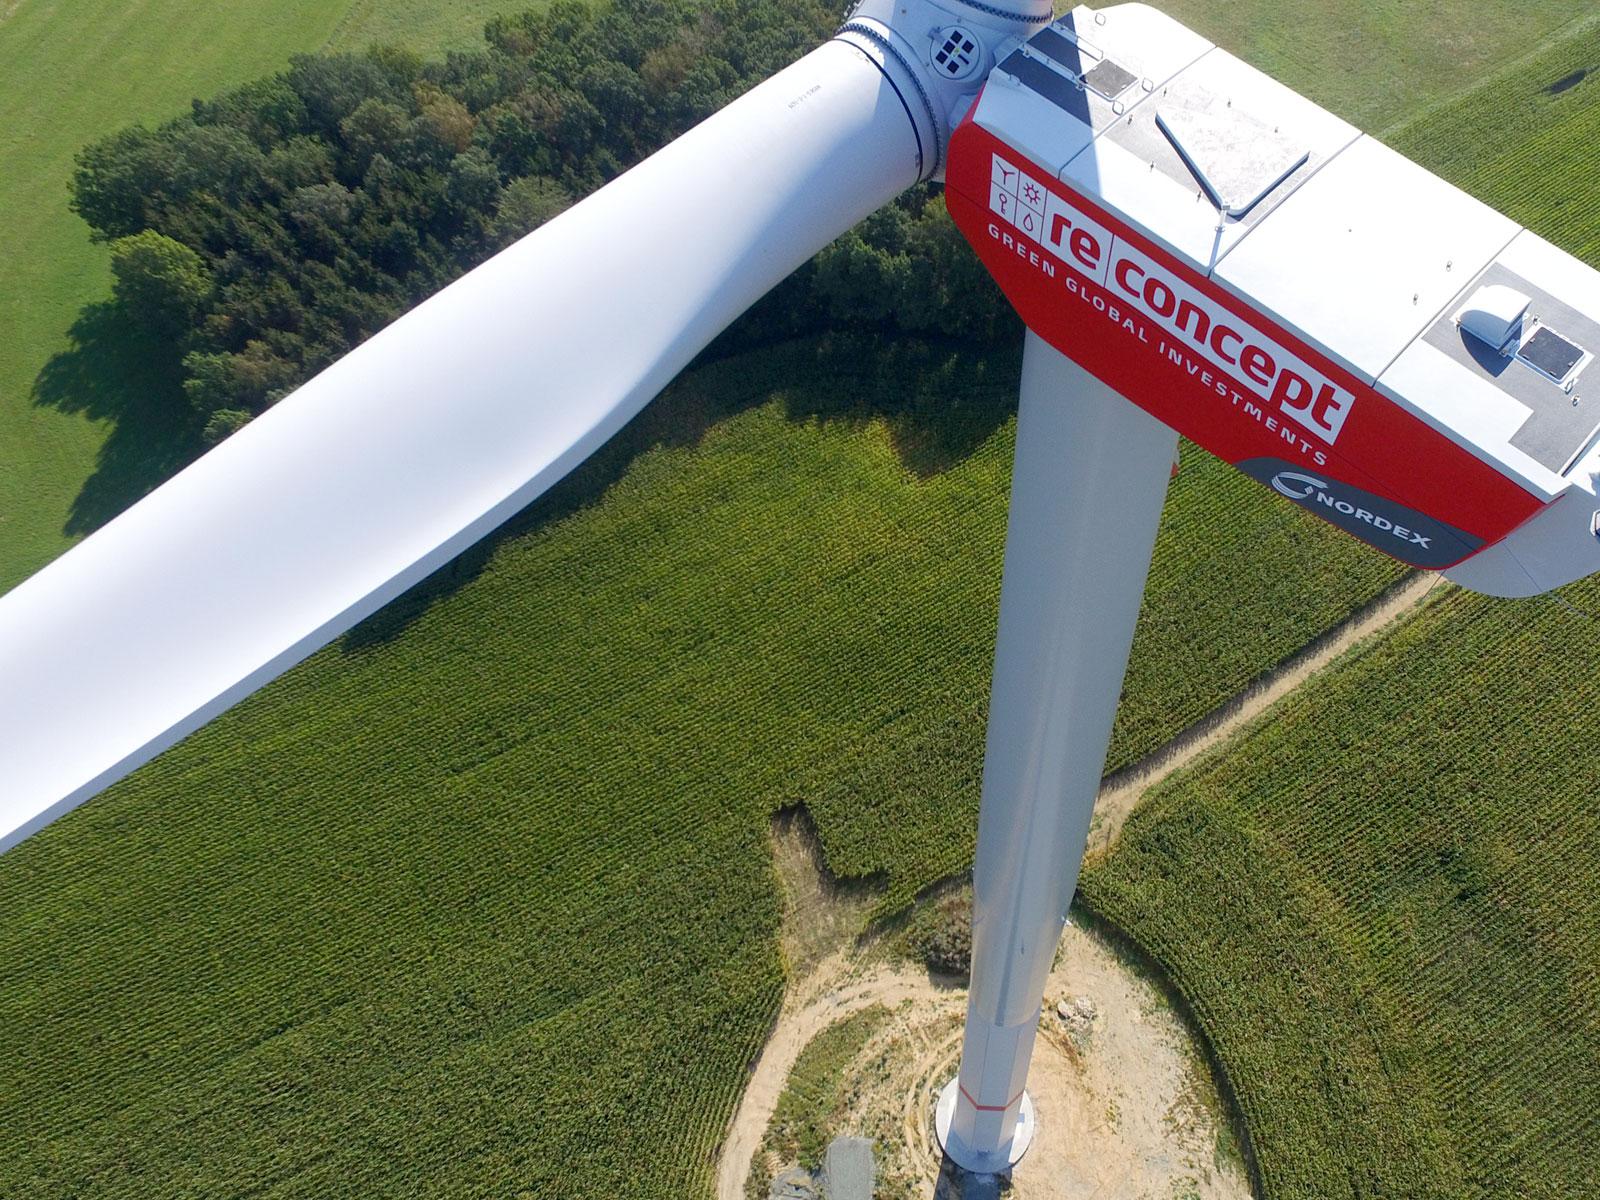 Die Windenergieanlage Pfaffengrün in Sachsen ist seit August 2016 in Betrieb. Sie ist die erste Investition der Emittentin der RE08 Anleihe der Zukunftsenergien von reconcept. / Foto: Unternehmen